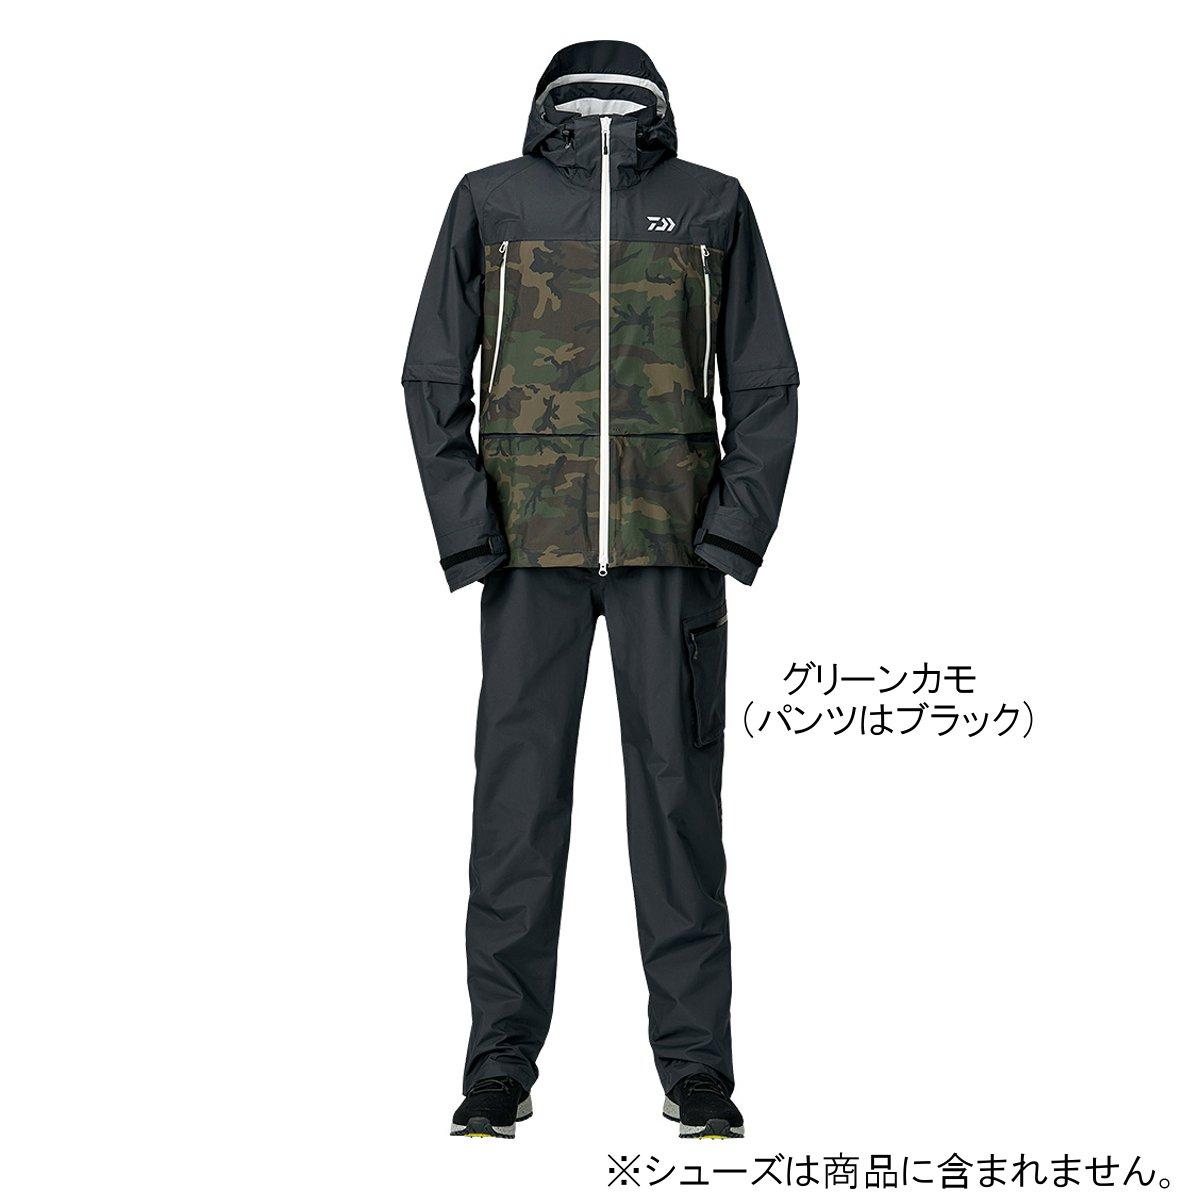 ダイワ レインマックス デタッチャブルレインスーツ DR-30009 L グリーンカモ【送料無料】